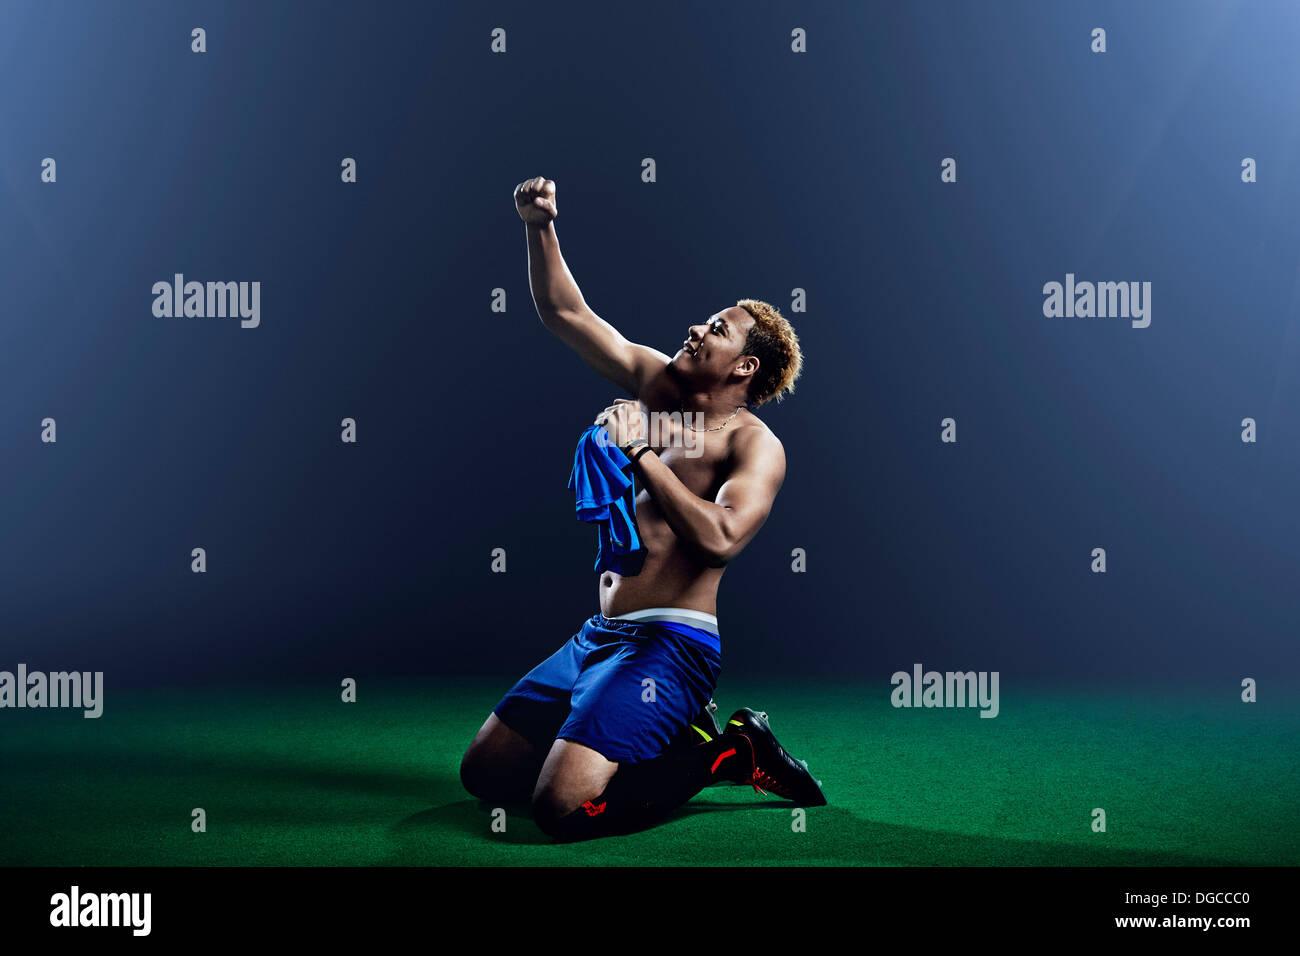 Jugador de fútbol masculino de rodillas con el brazo levantado Foto de stock